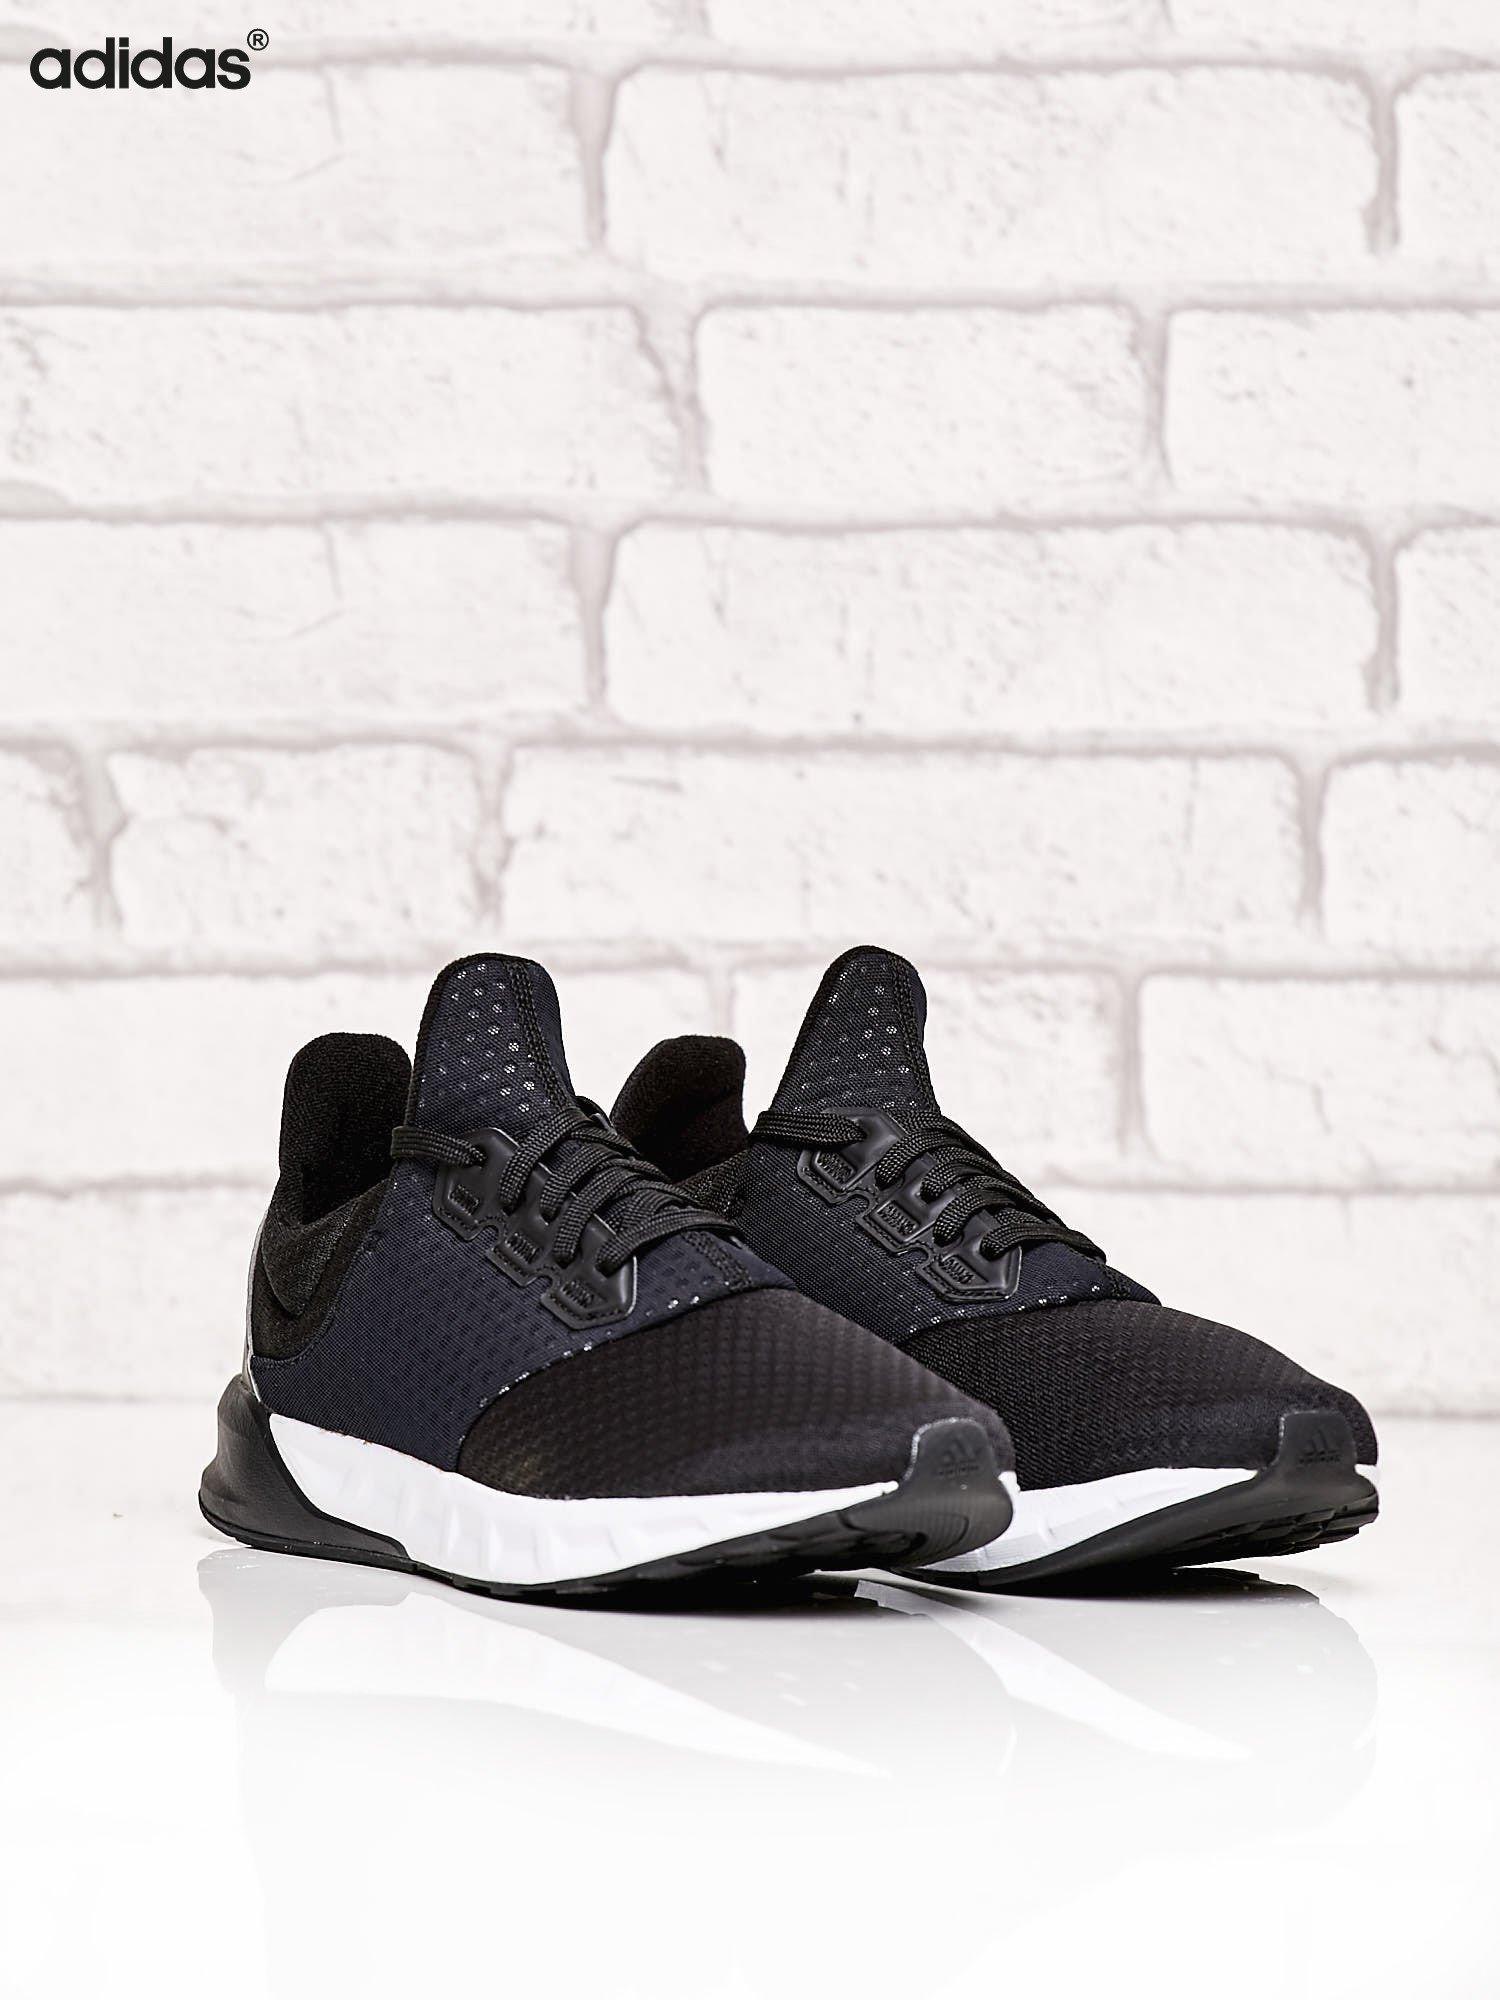 ee25ea0efa1821 1 · ADIDAS czarne buty męskie sportowe Falcon Elite 5 XJ z dwukolorową  podeszwą ...